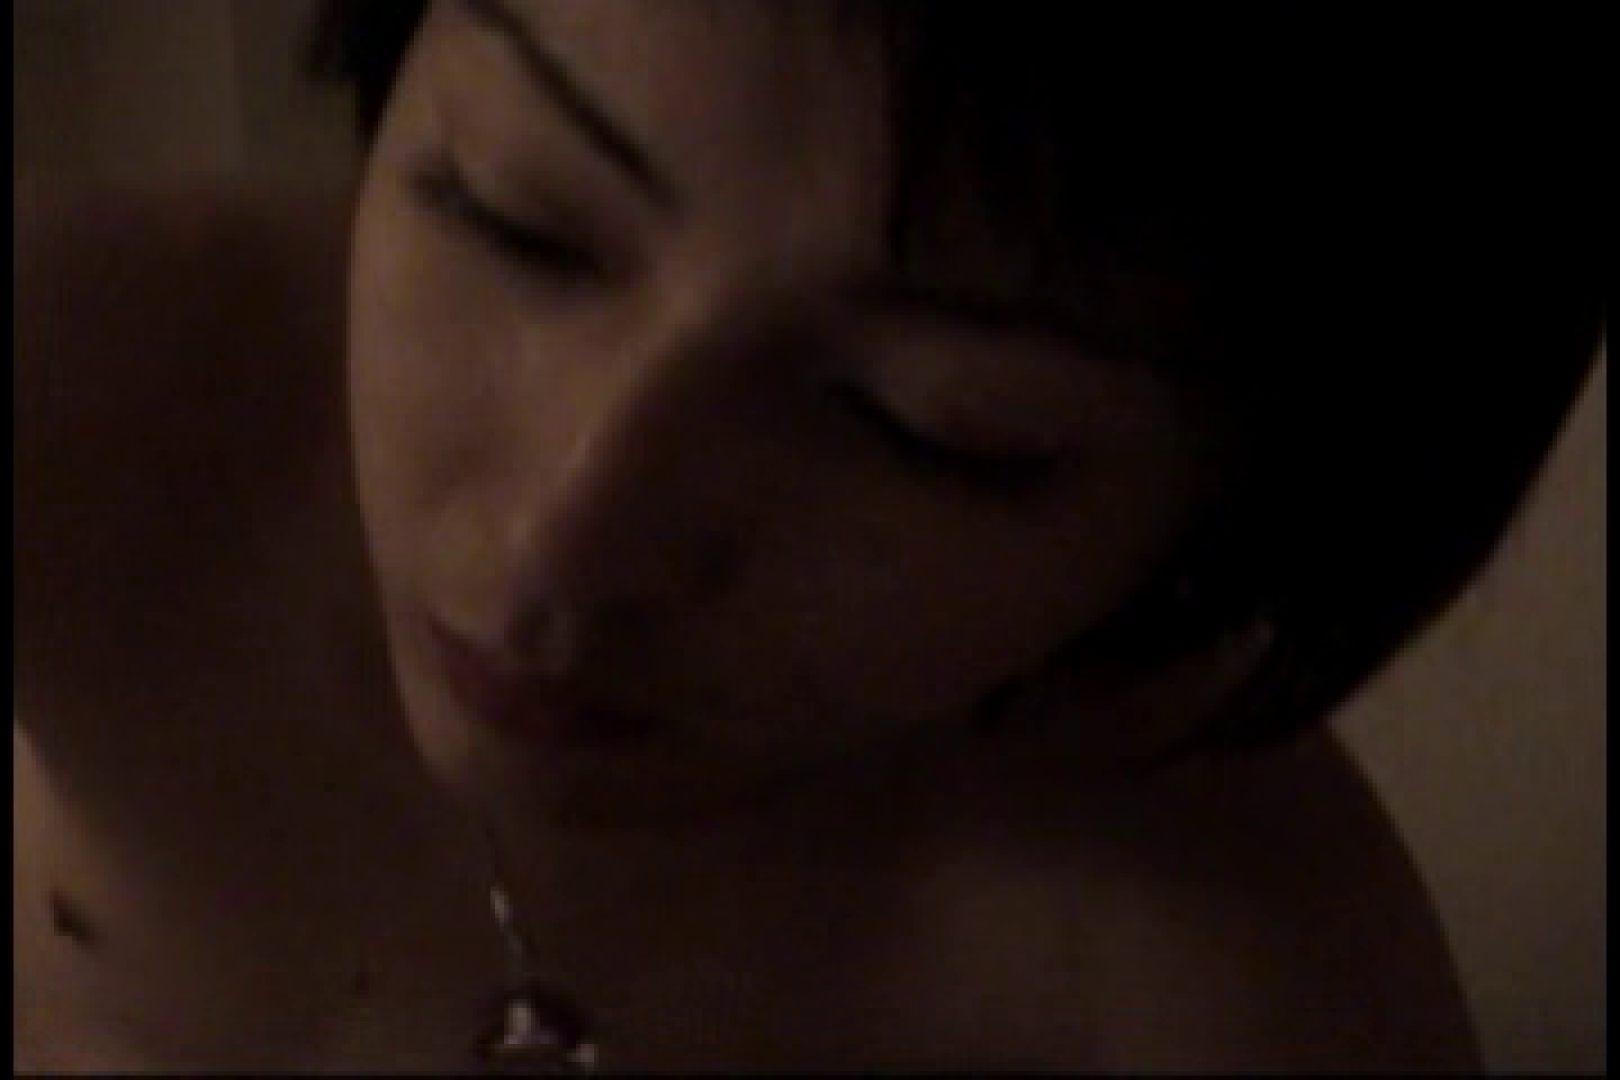 三ッ星シリーズ!!新春Special File 04 手技 | フェラ最高 AV動画 14連発 13